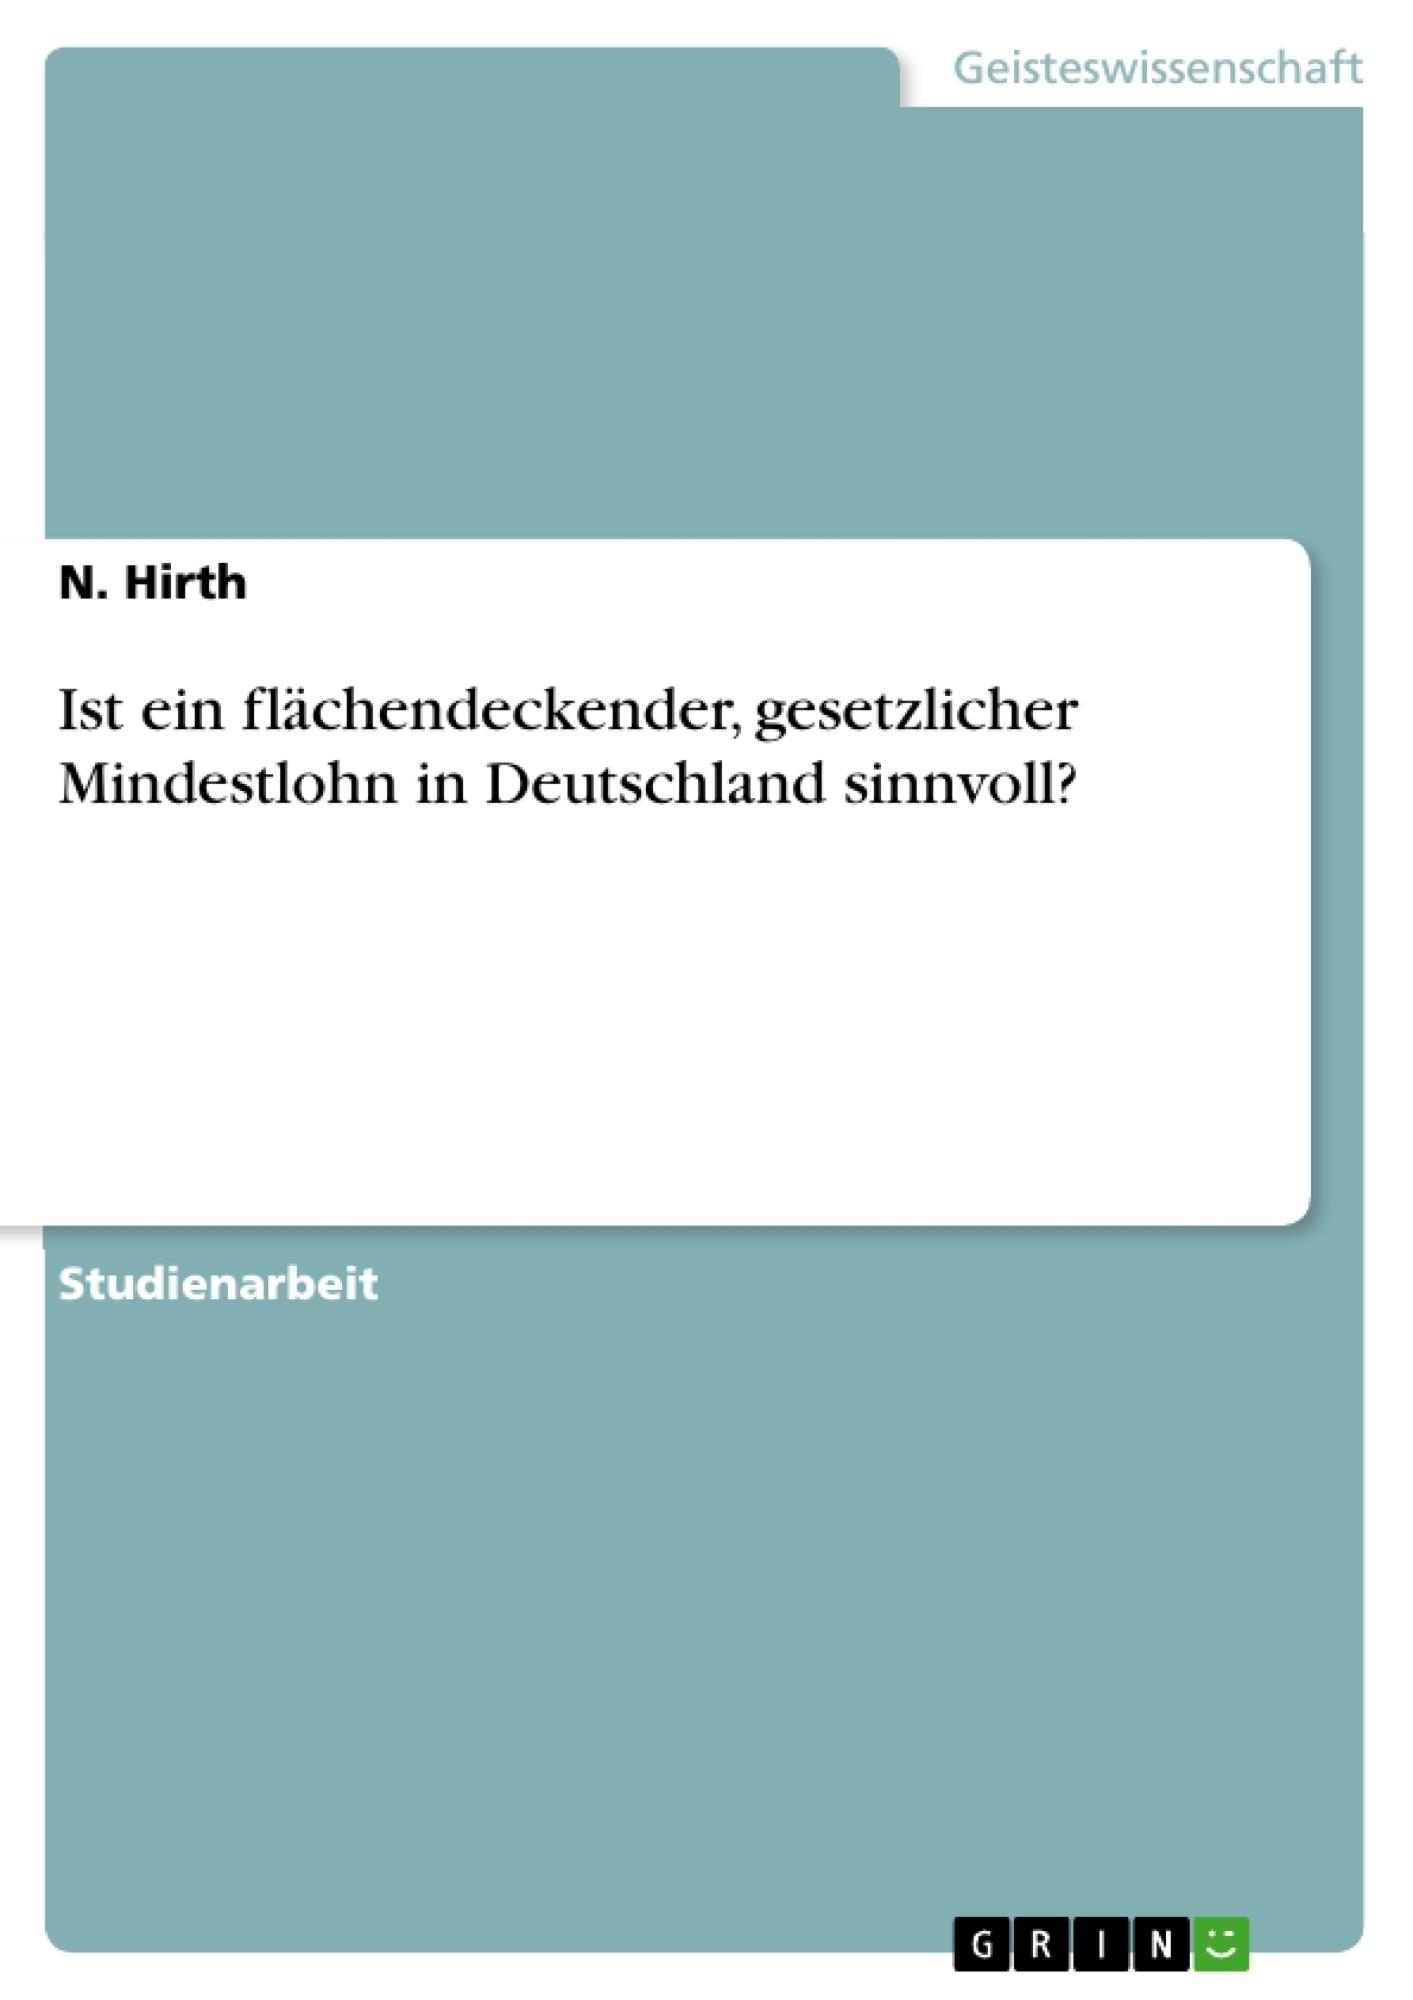 Titel: Ist ein flächendeckender, gesetzlicher Mindestlohn in Deutschland sinnvoll?